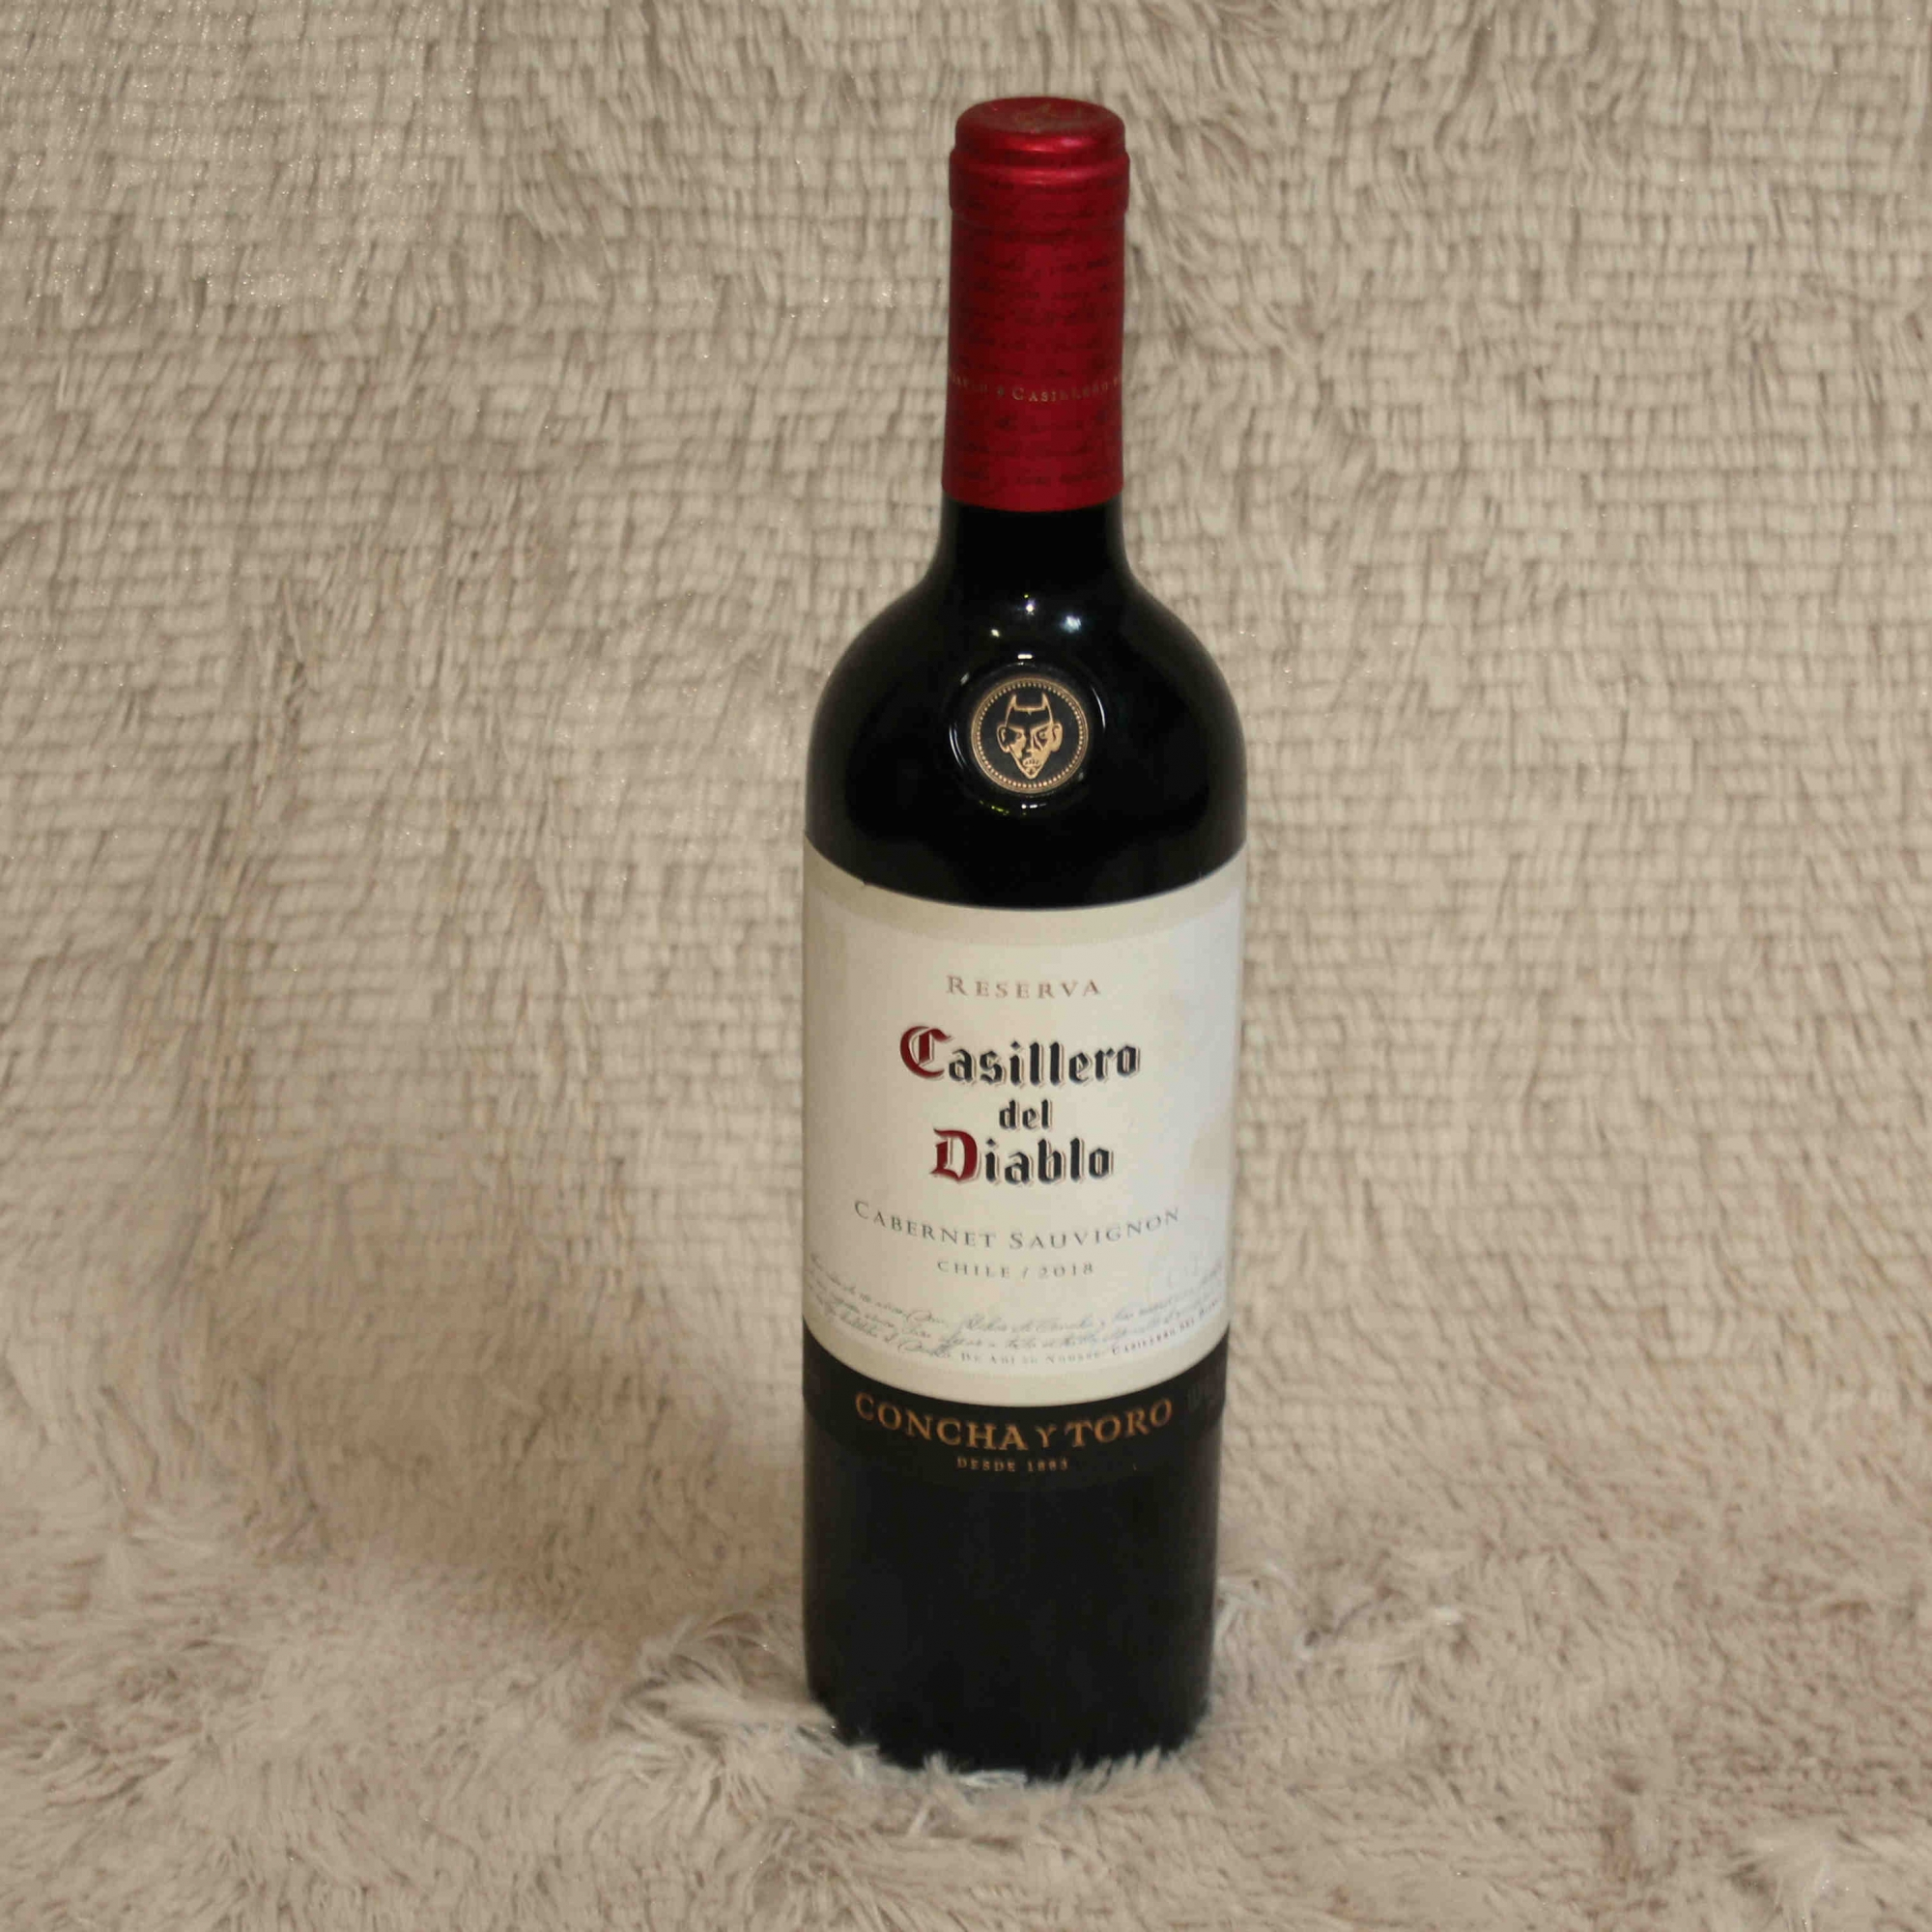 Vinho Casillero del Diablo, Cabernet Sauvignon